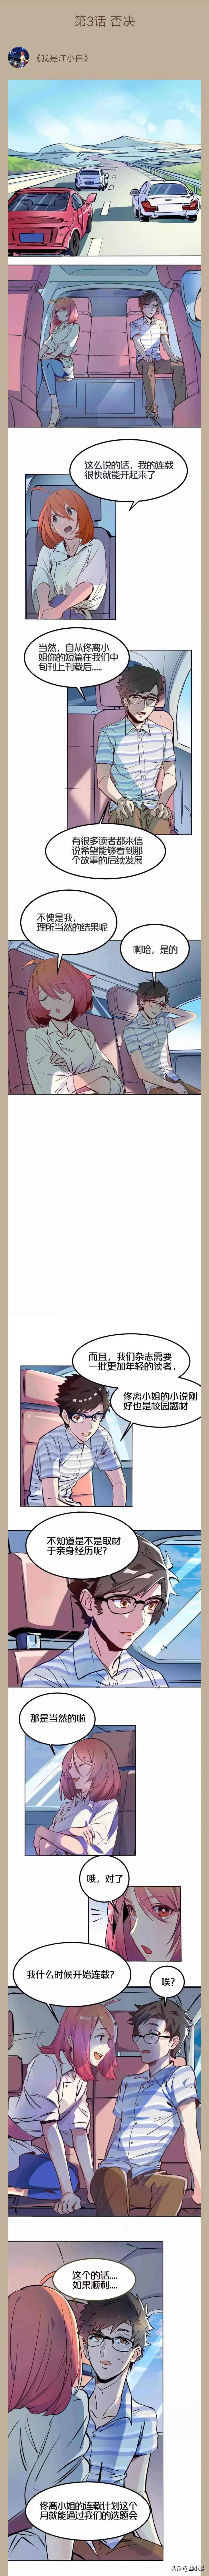 全彩小说漫画连载《我是江小白》第03话-否决